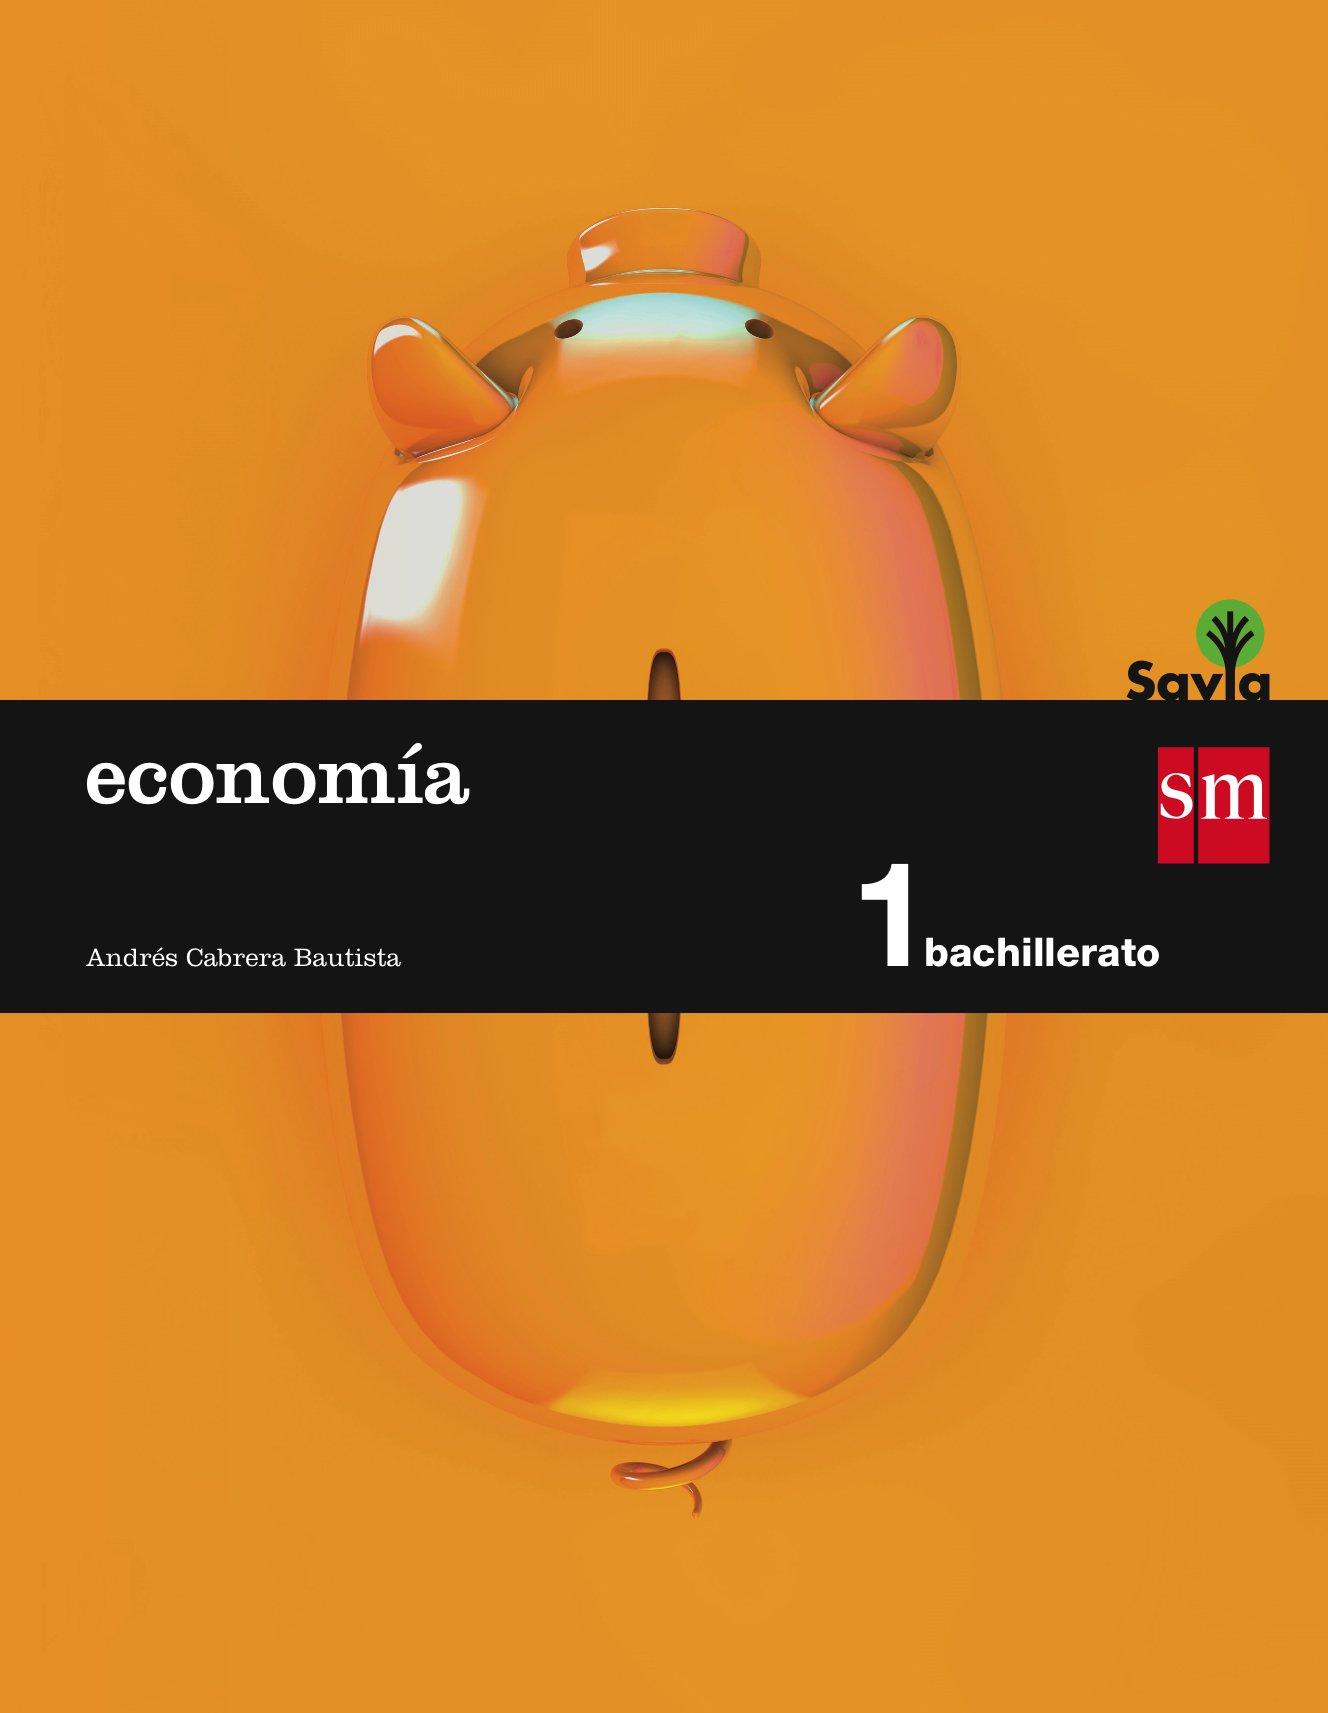 Economía. 1 Bachillerato. Savia - 9788467576542: Amazon.es ...